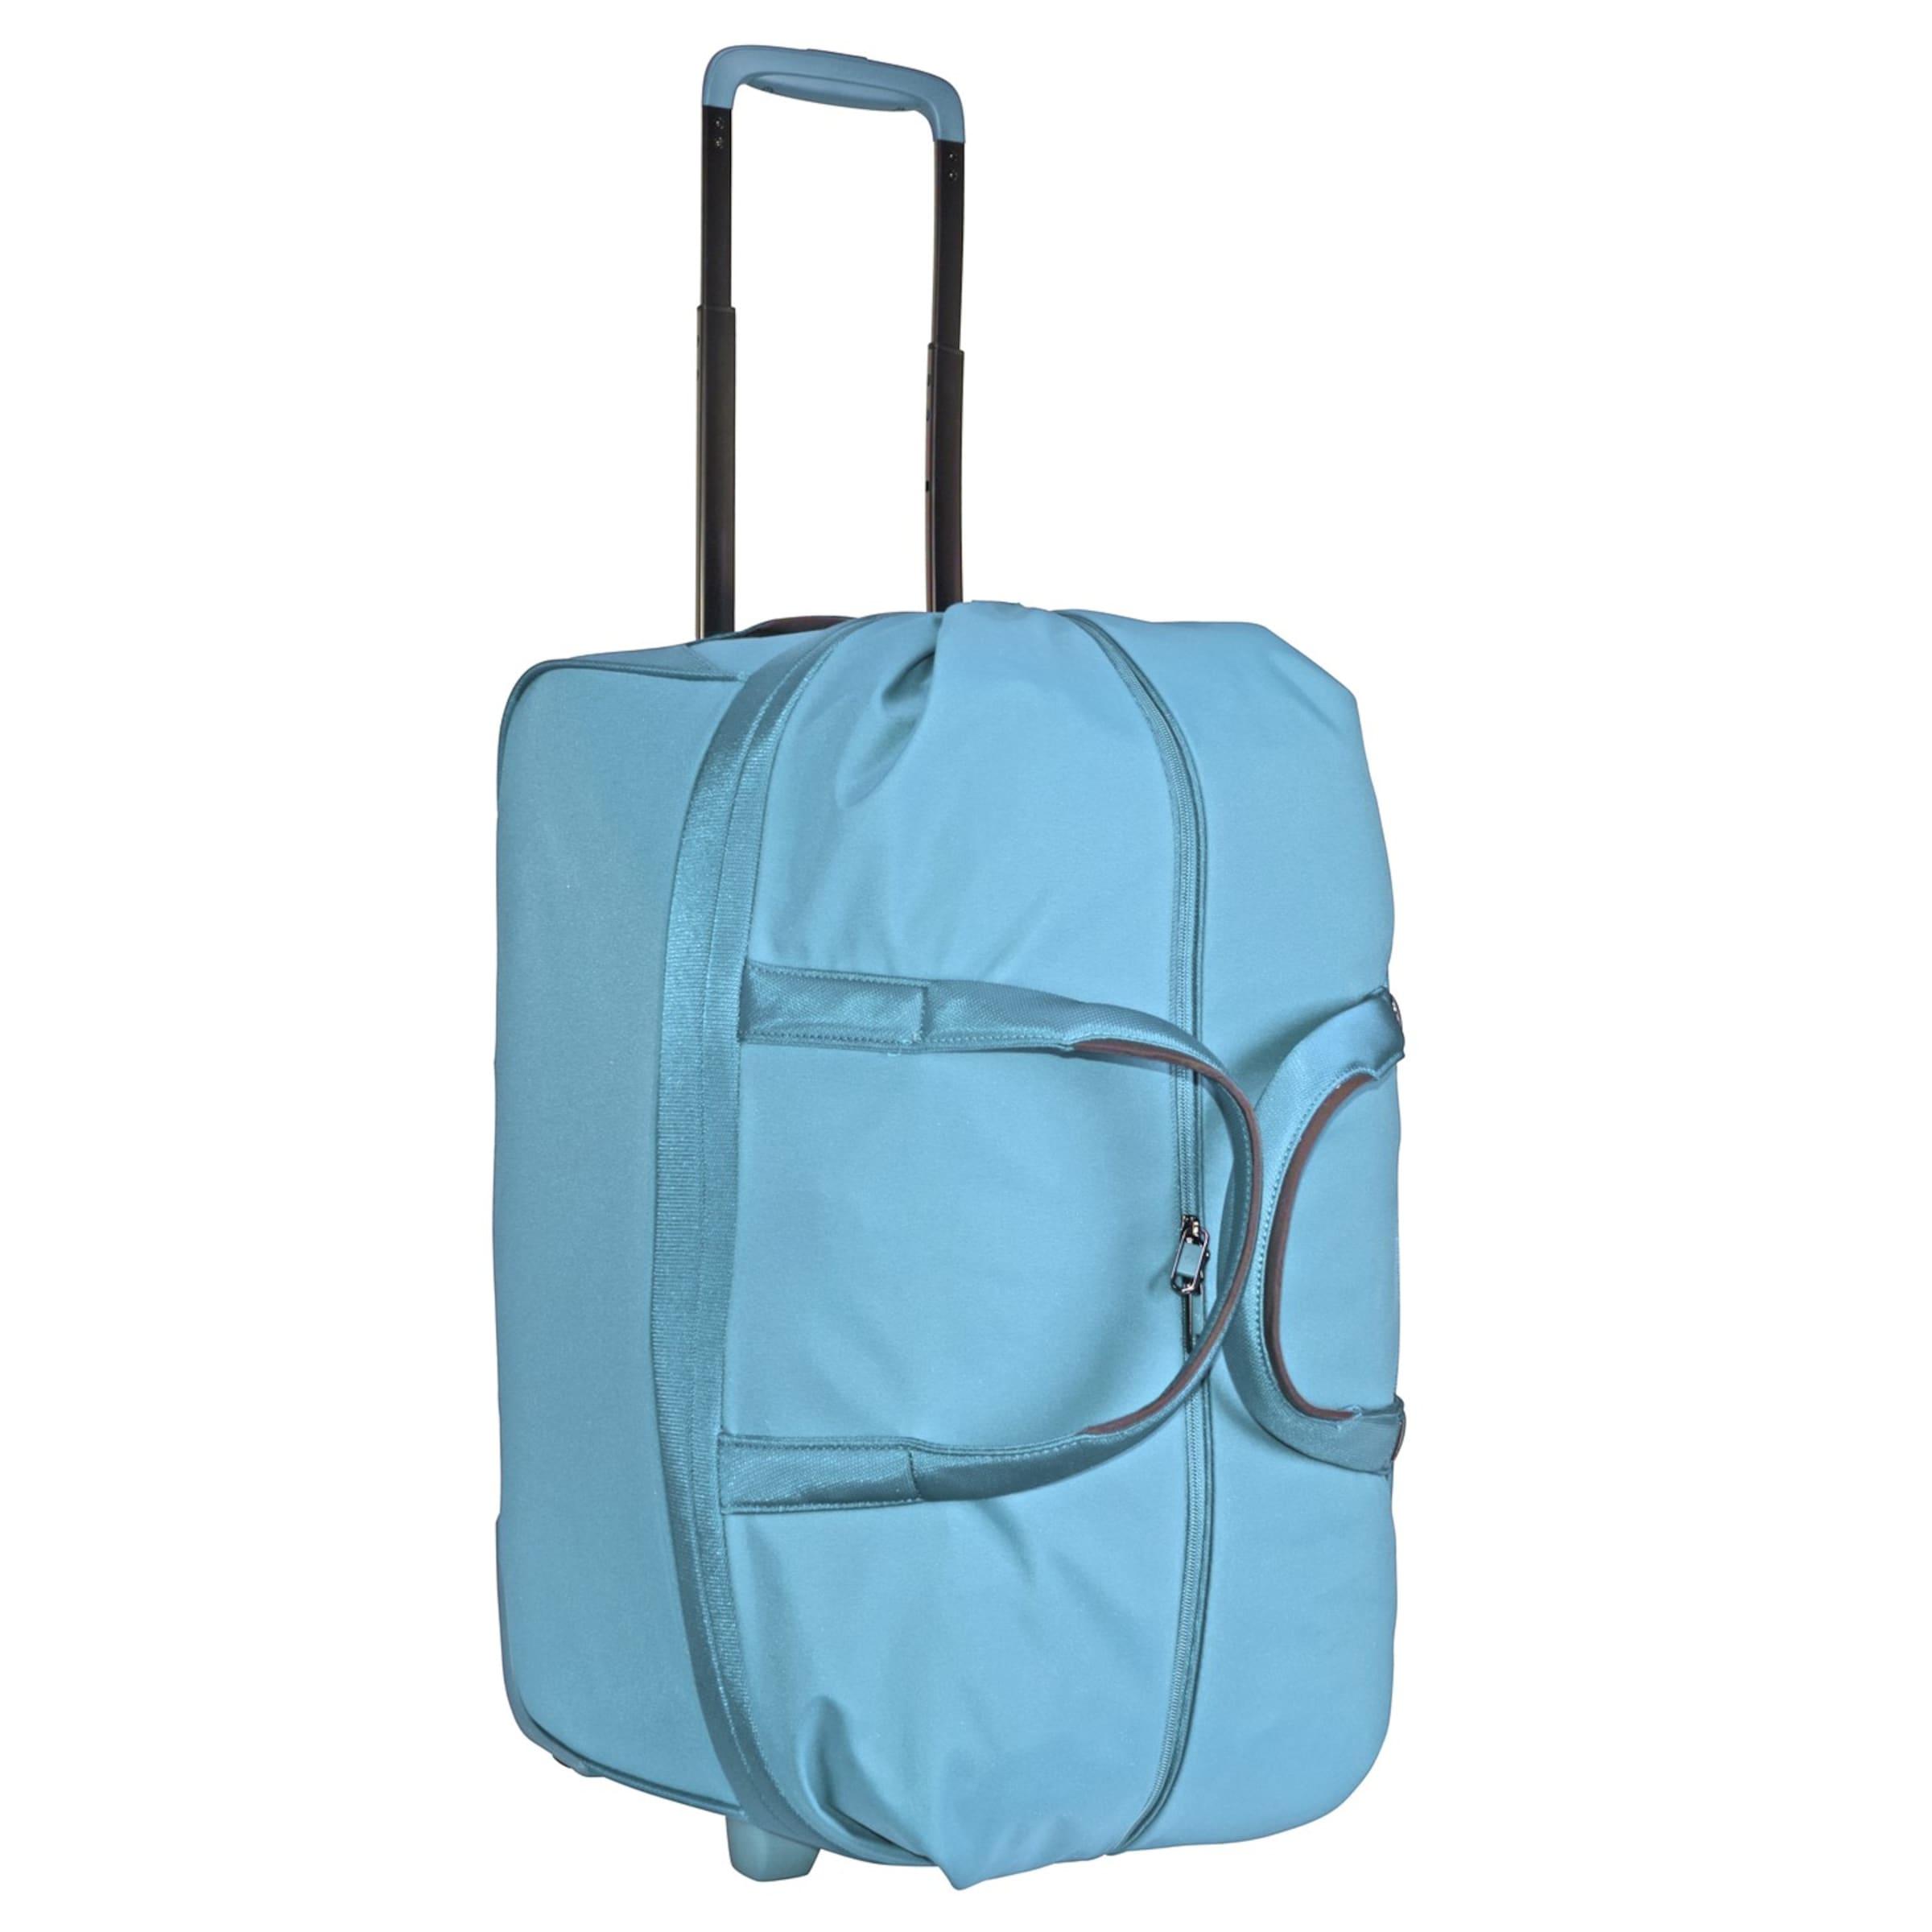 SAMSONITE Uplite 2-Rollen Reisetasche 55 cm Auslass 100% Authentisch UmL1d75Afe